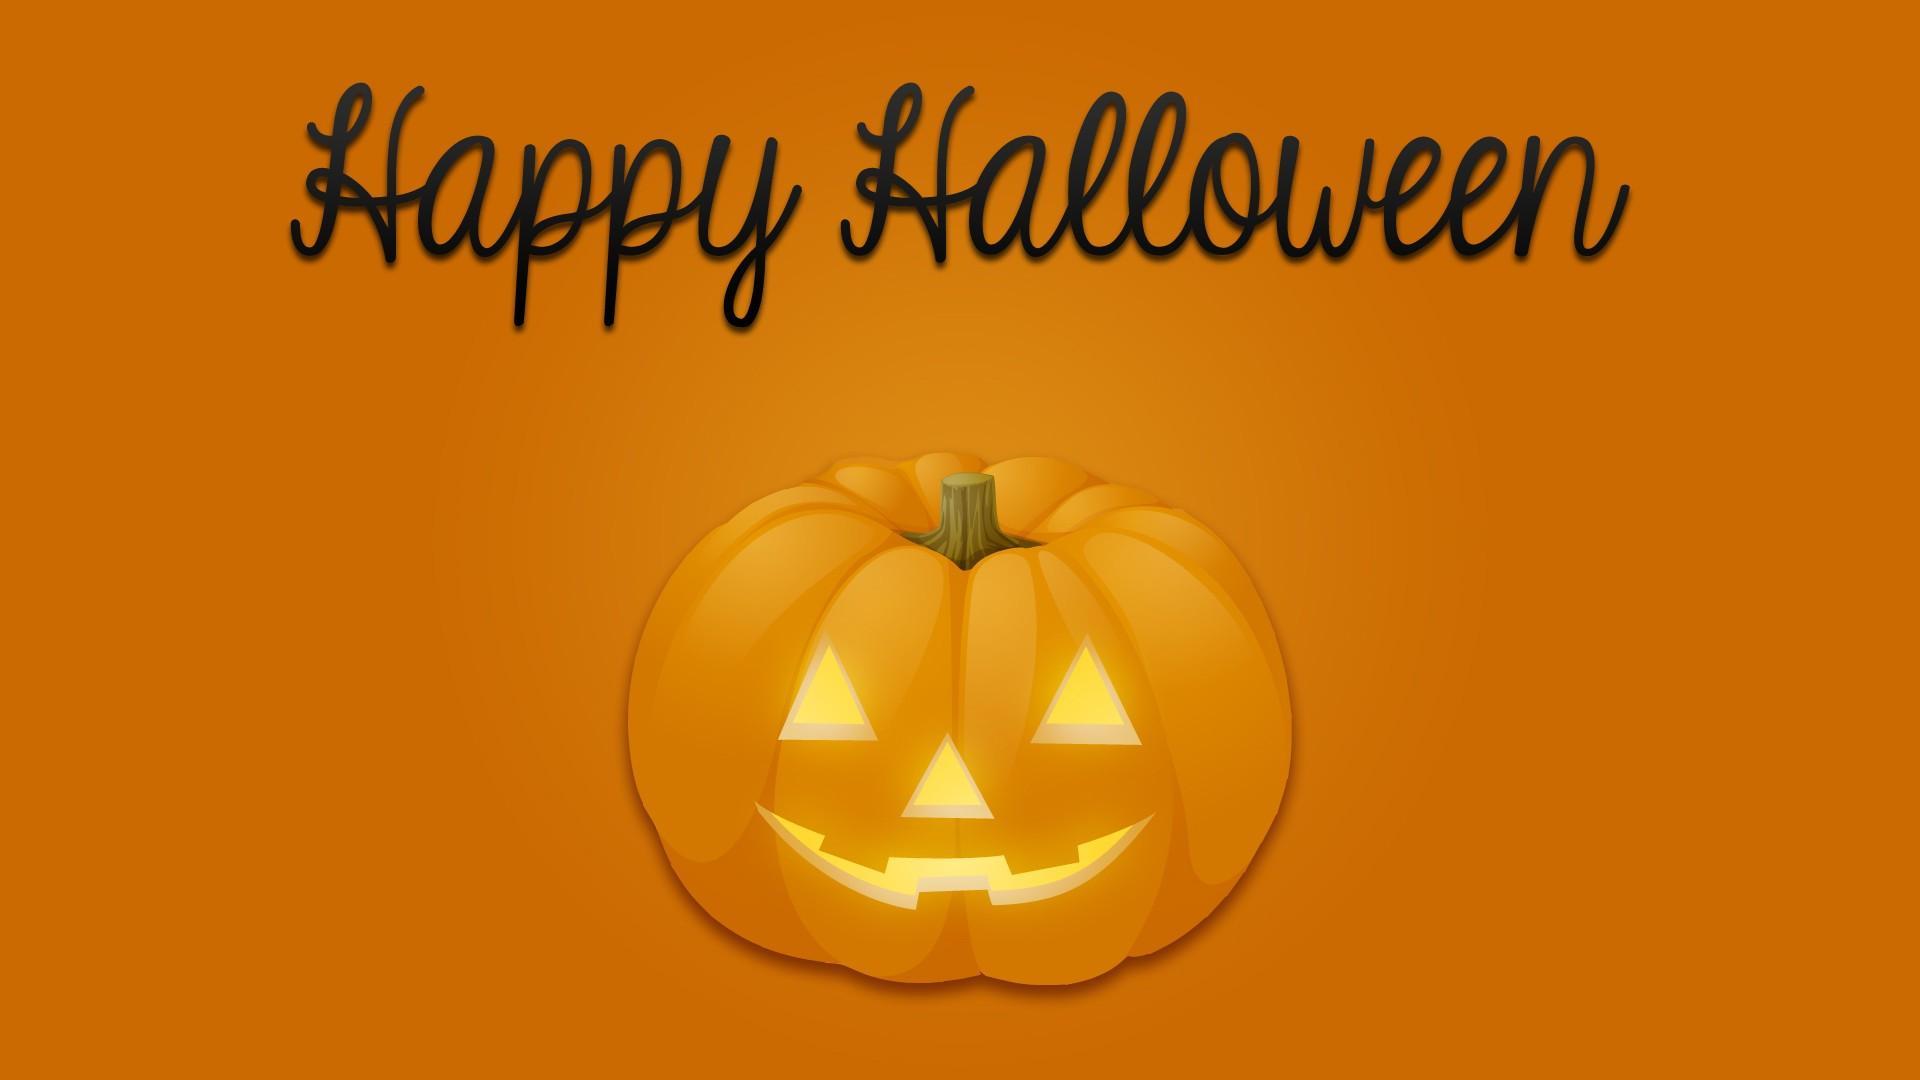 Cute Halloween Wallpaper Backgrounds